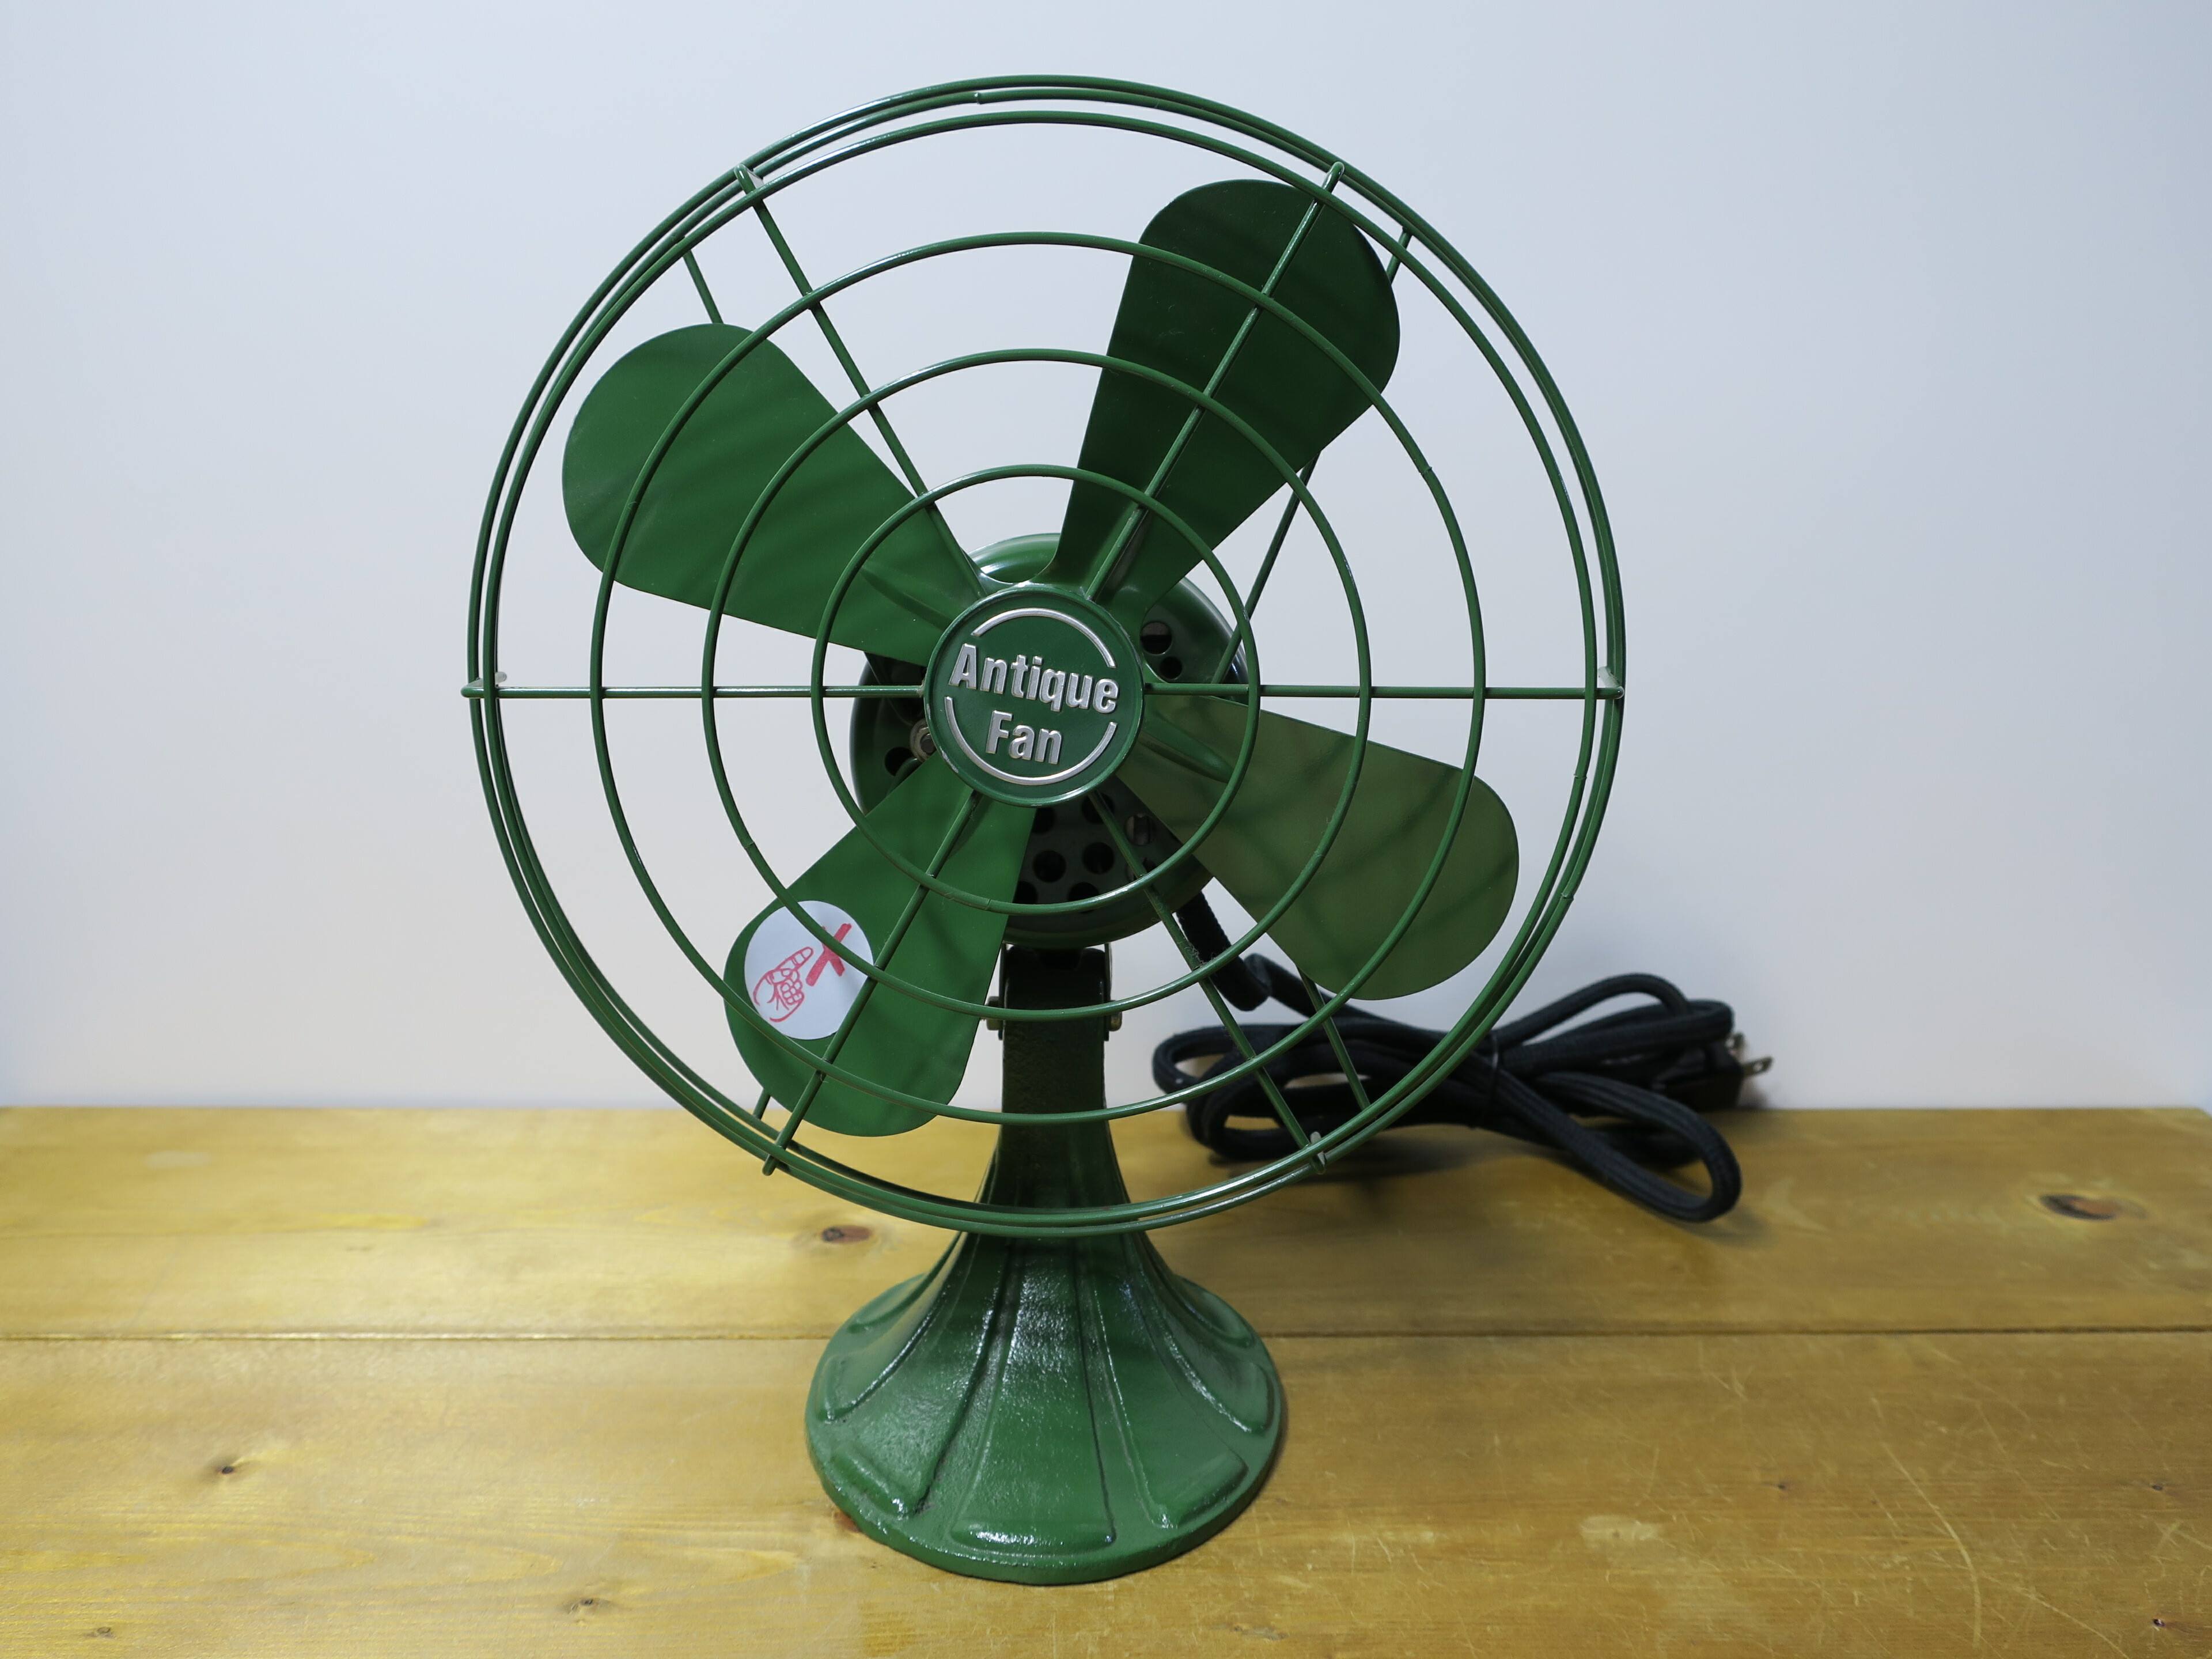 Antique Fan アンティーク風扇風機